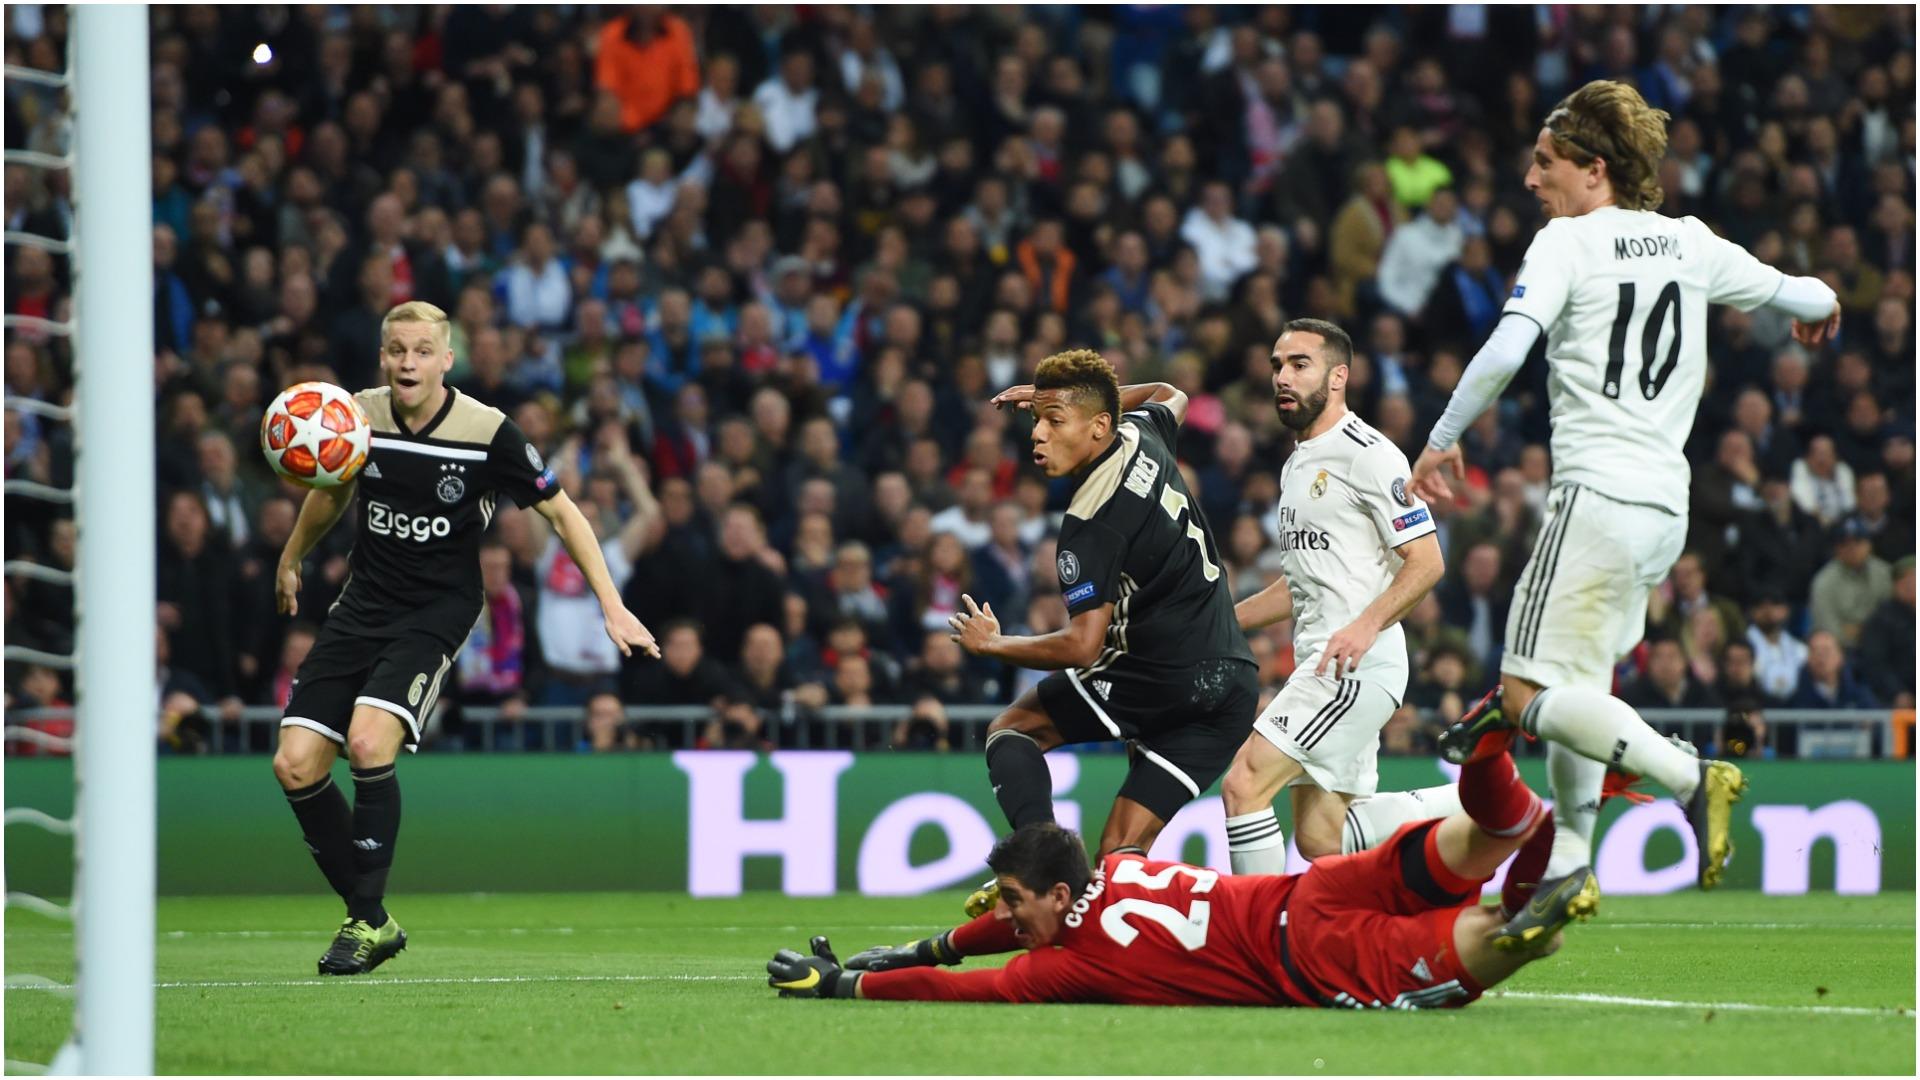 حذف تحقیر آمیز رئال مادرید مقابل آژاکس/دورتموند حریف تاتنهام نشد